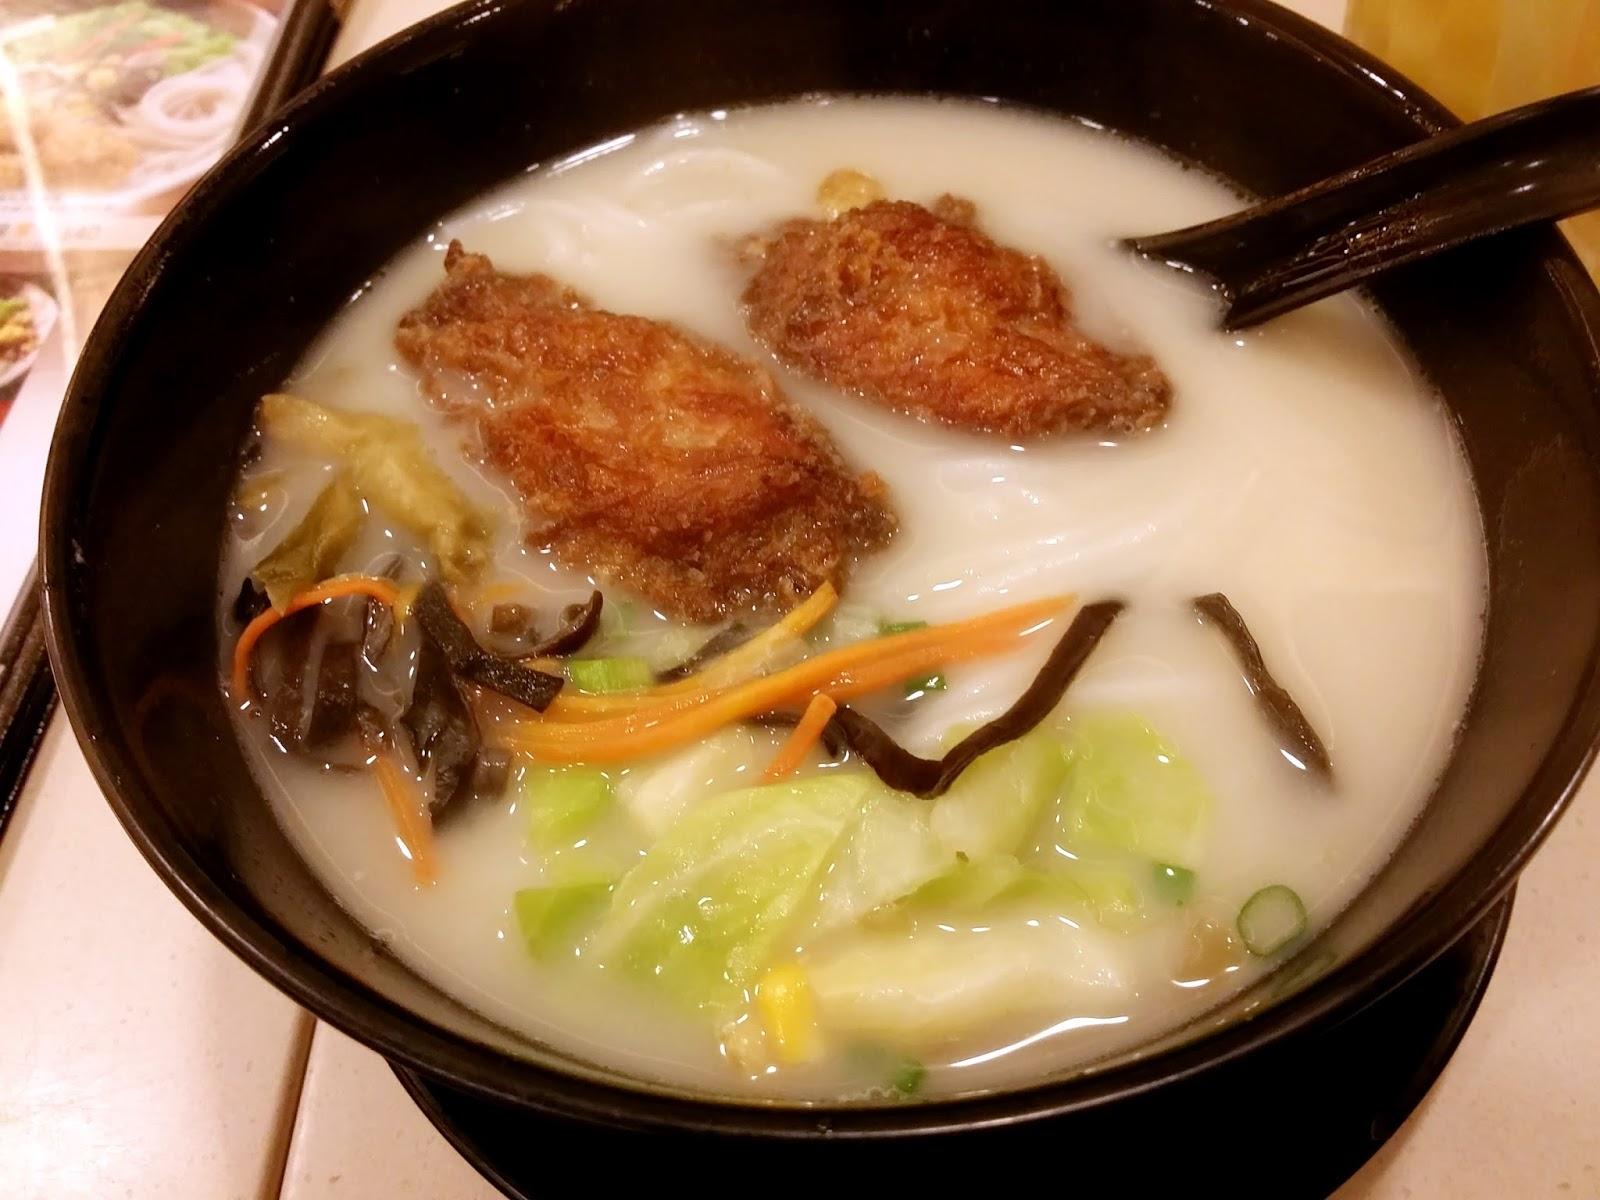 鮮魚湯魚腐 @魚米家魚湯米線大王